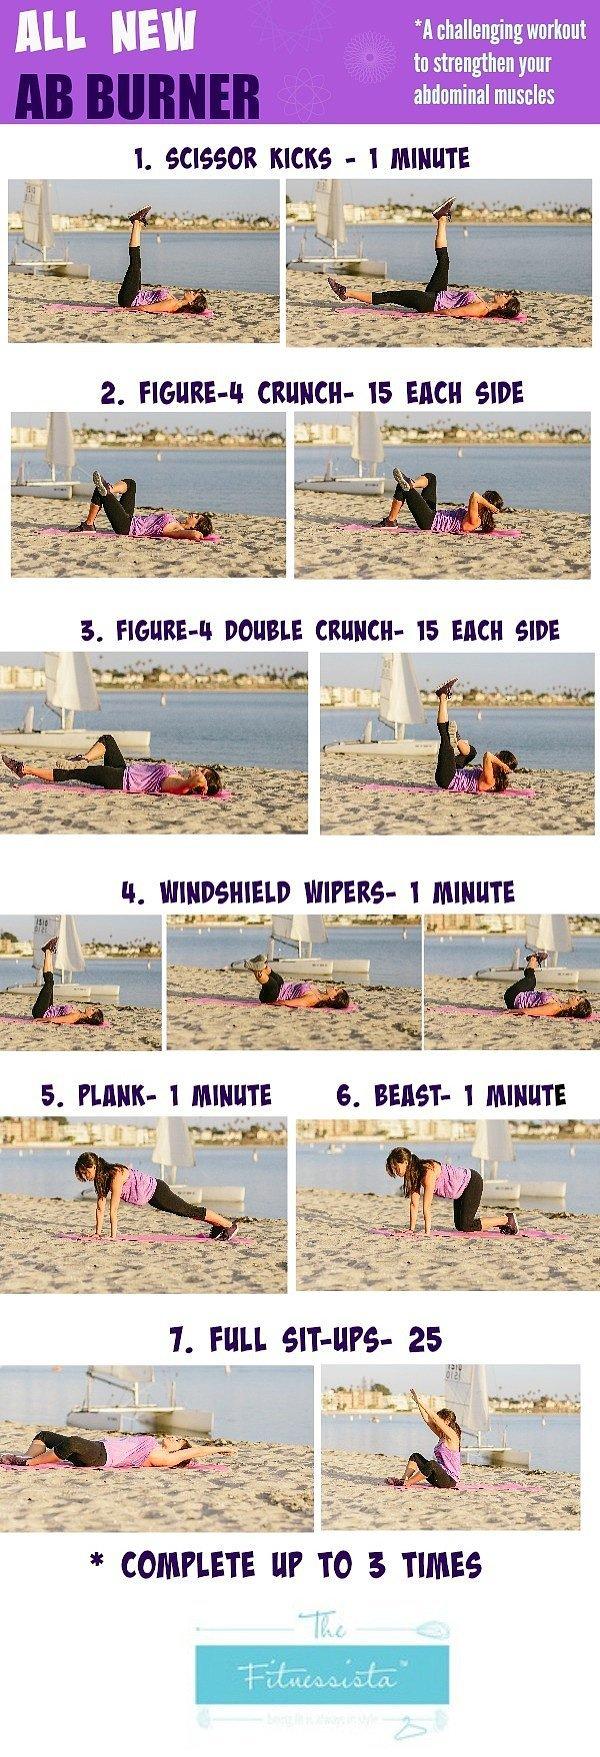 ab burner workout